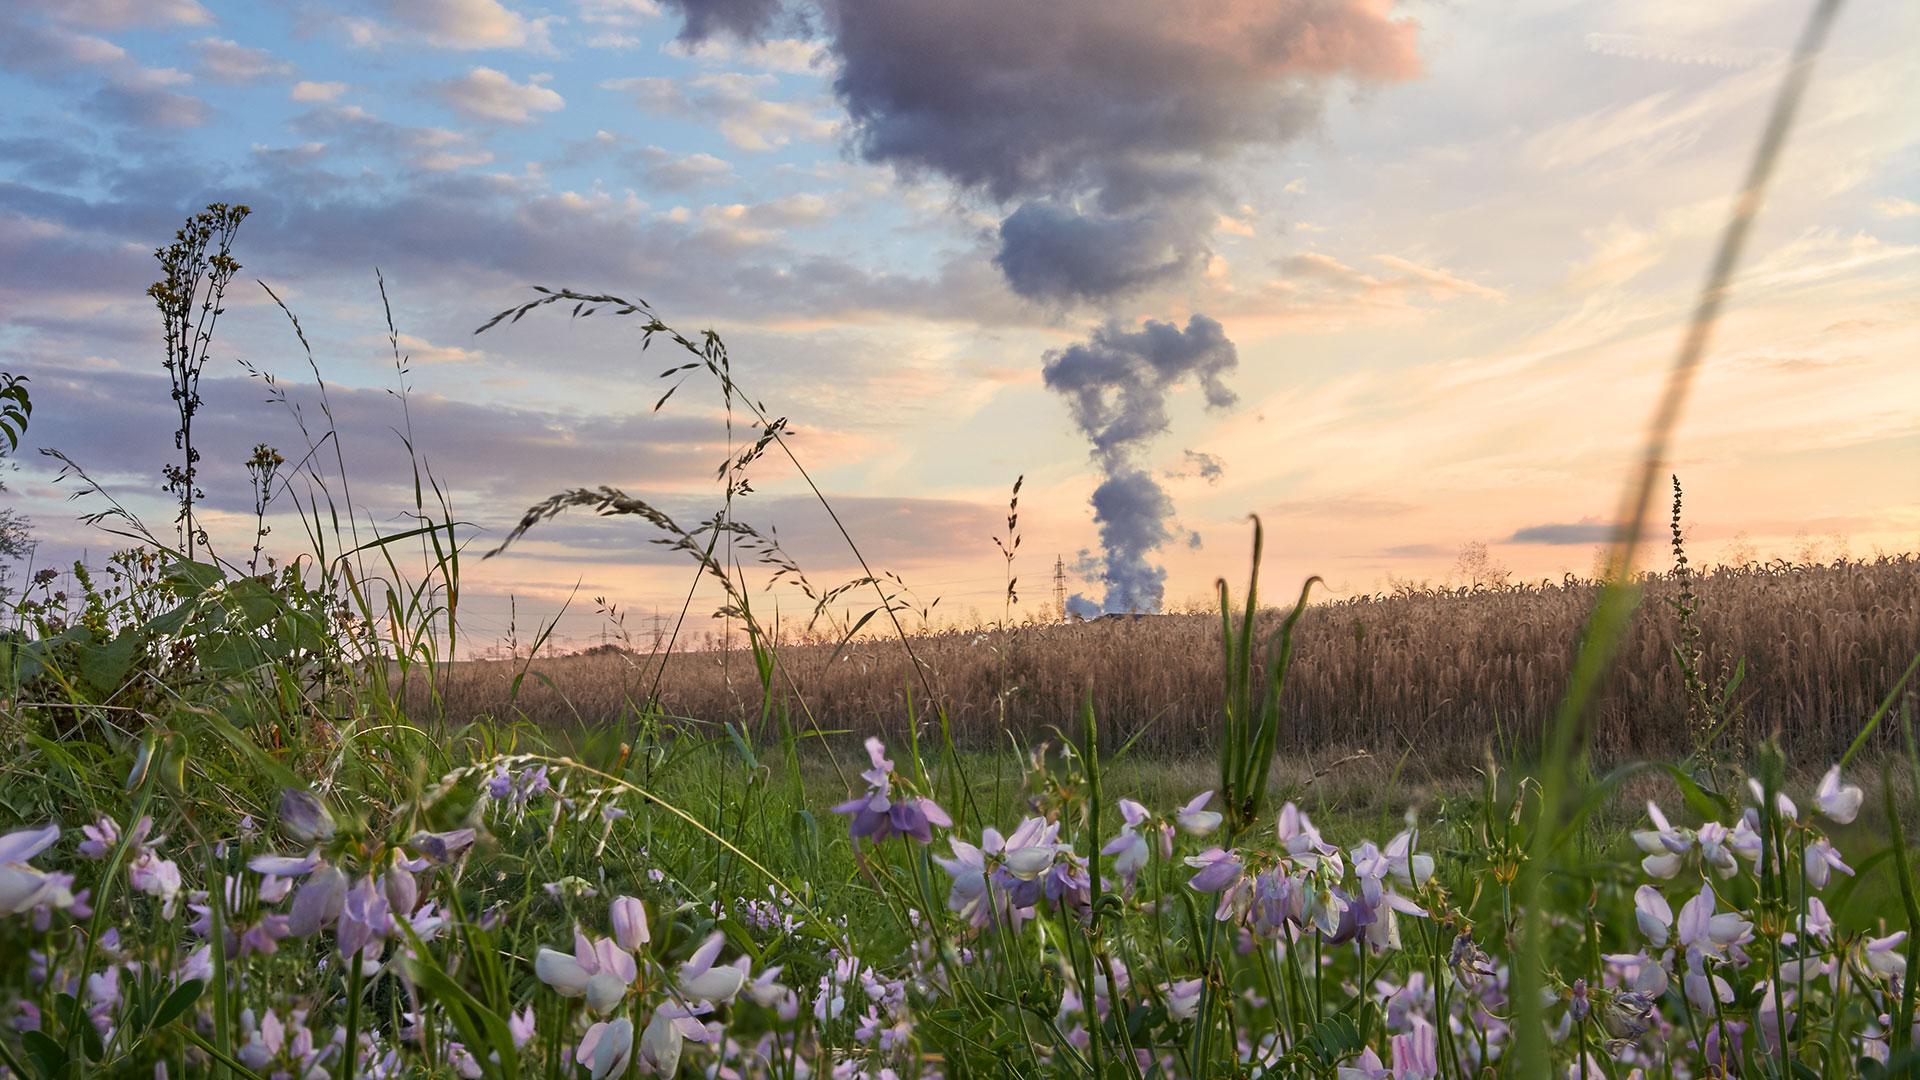 Felder und Wiesen mit Rauchwolken aus einer Fabrik im Hintergrund